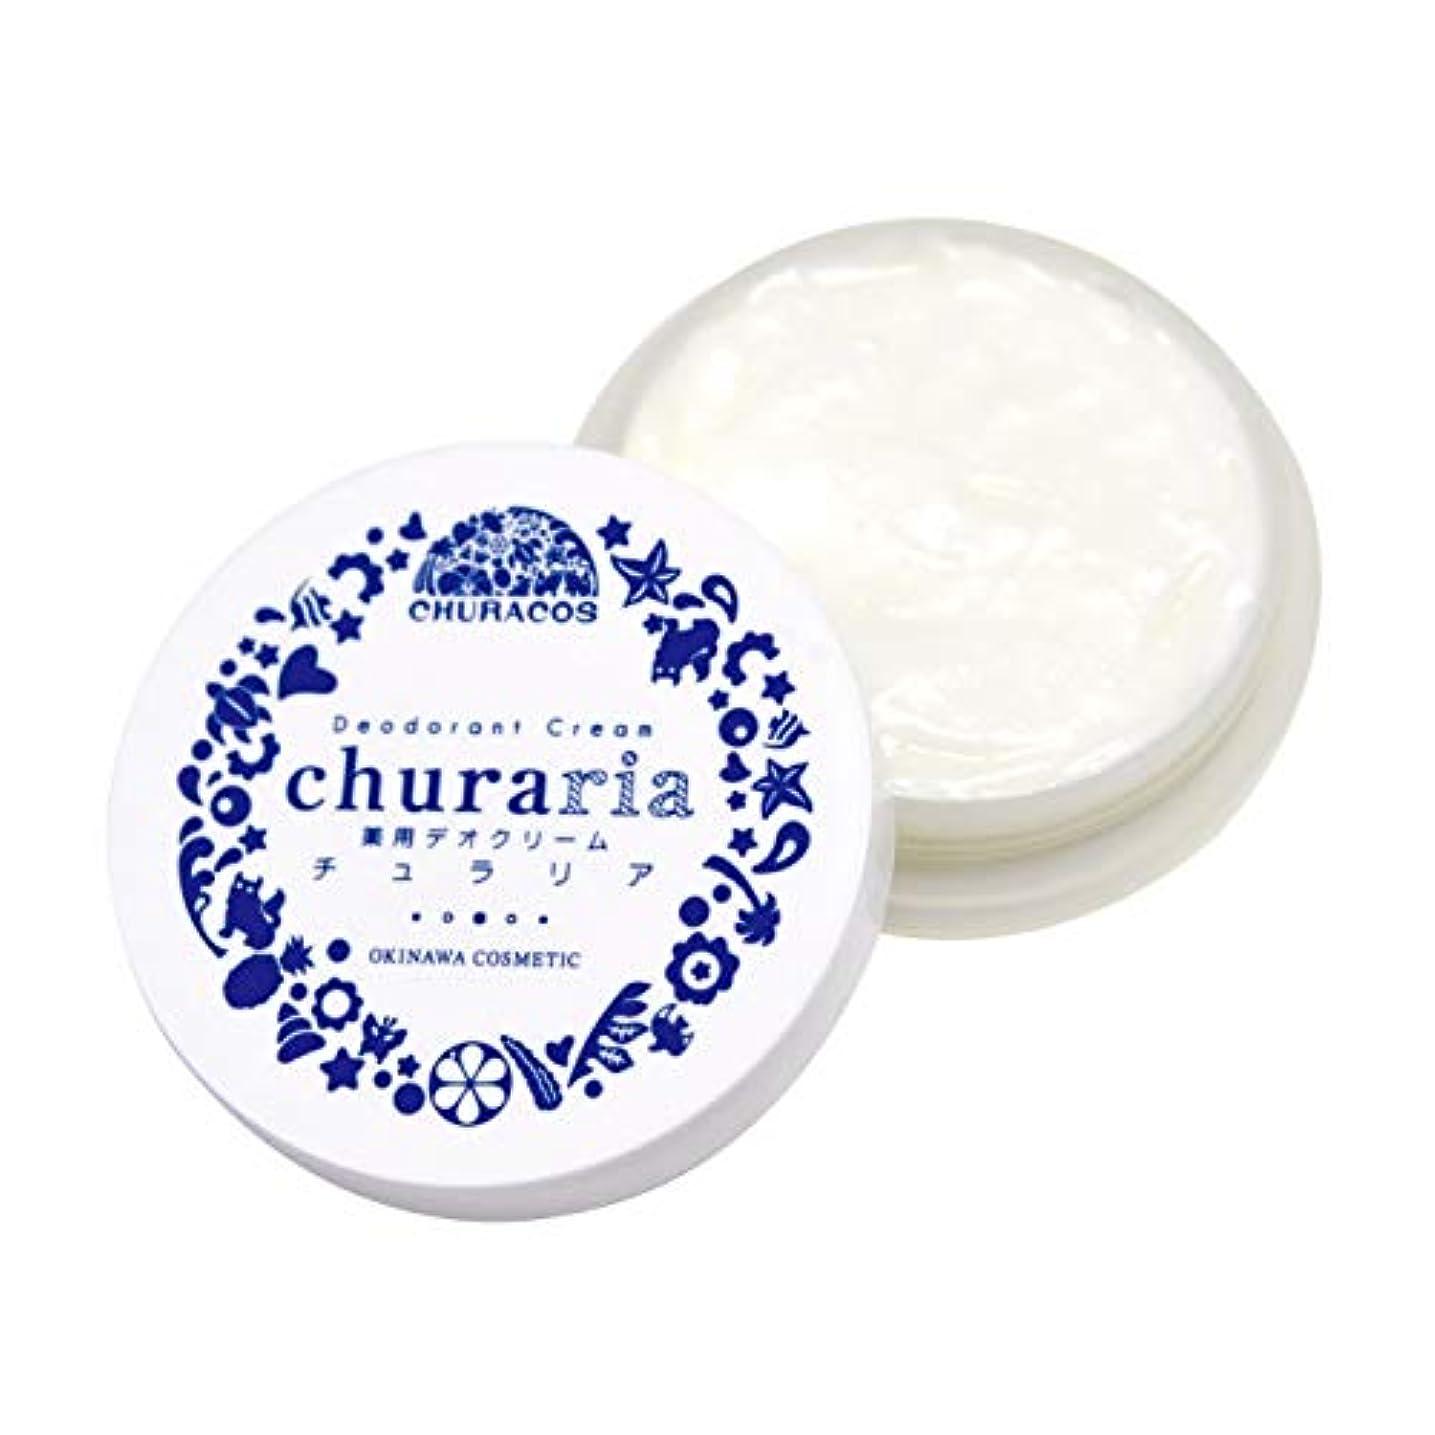 アラビア語むちゃくちゃ慢性的チュラコス 薬用デオドラントクリーム チュラリア 27g 制汗剤 わきが デリケート (1個)